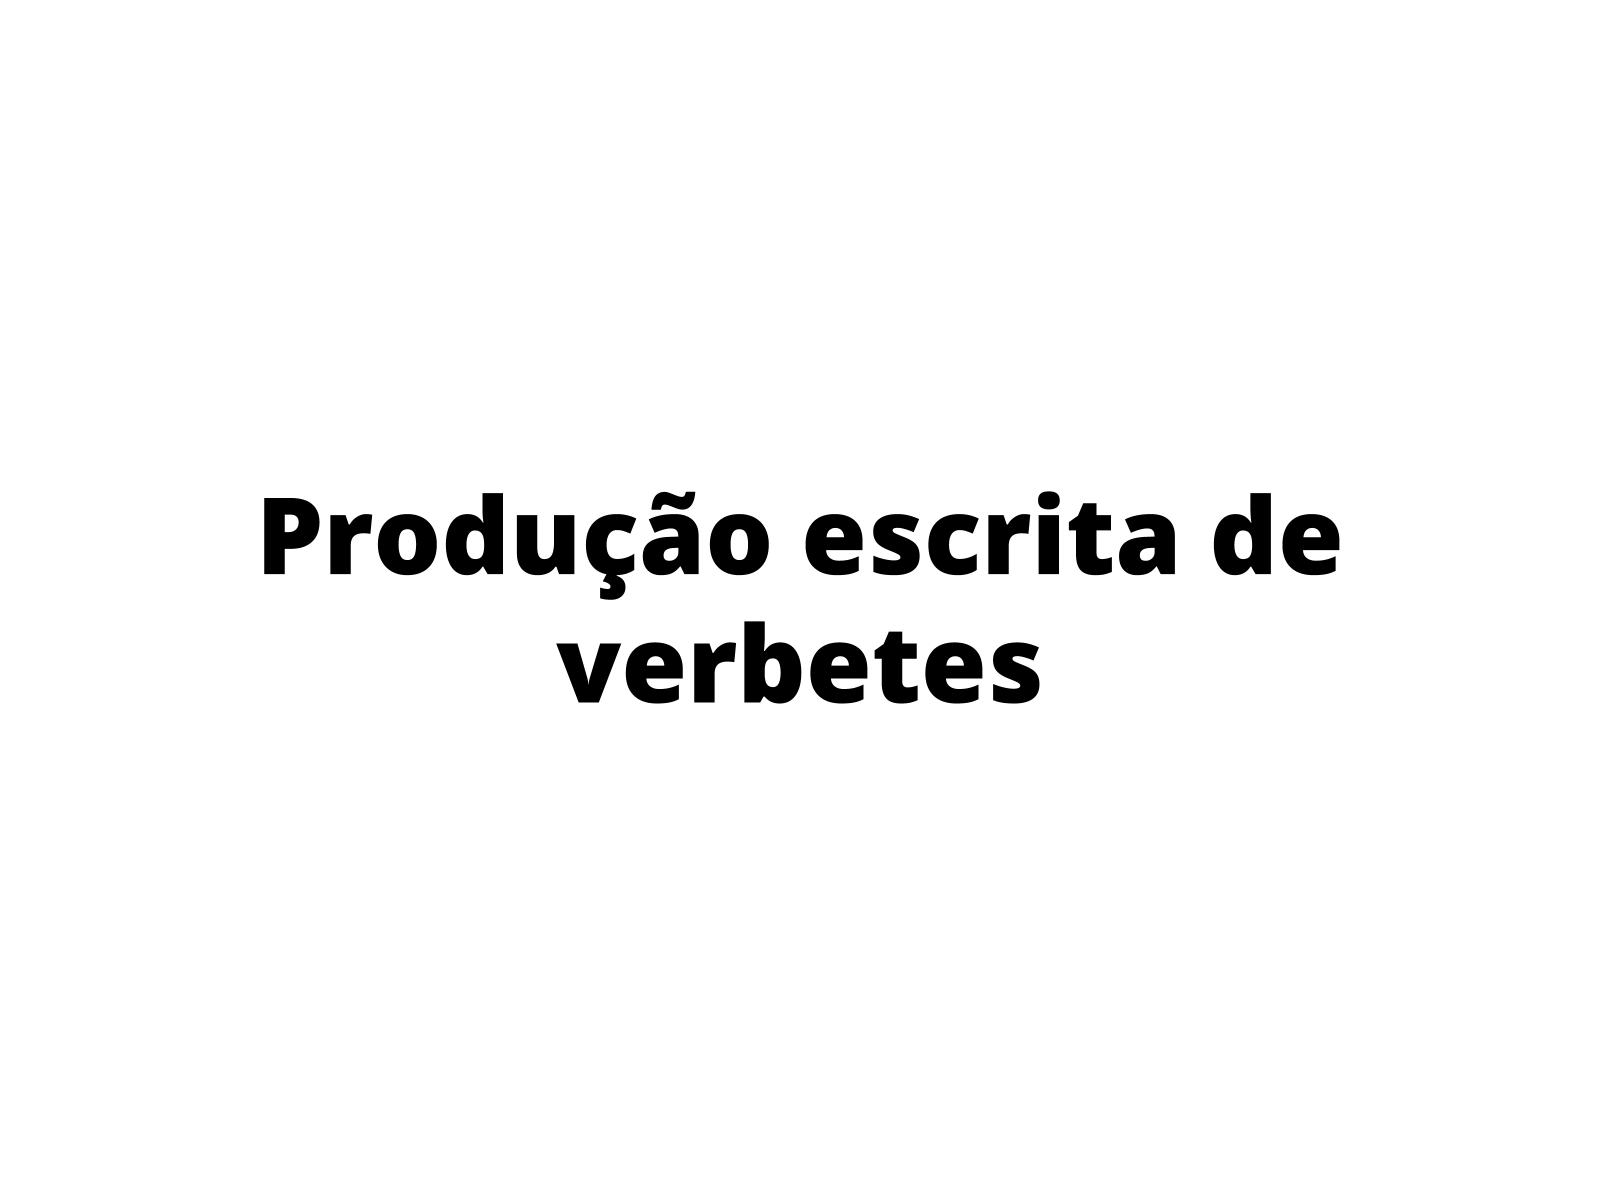 Produção de verbetes